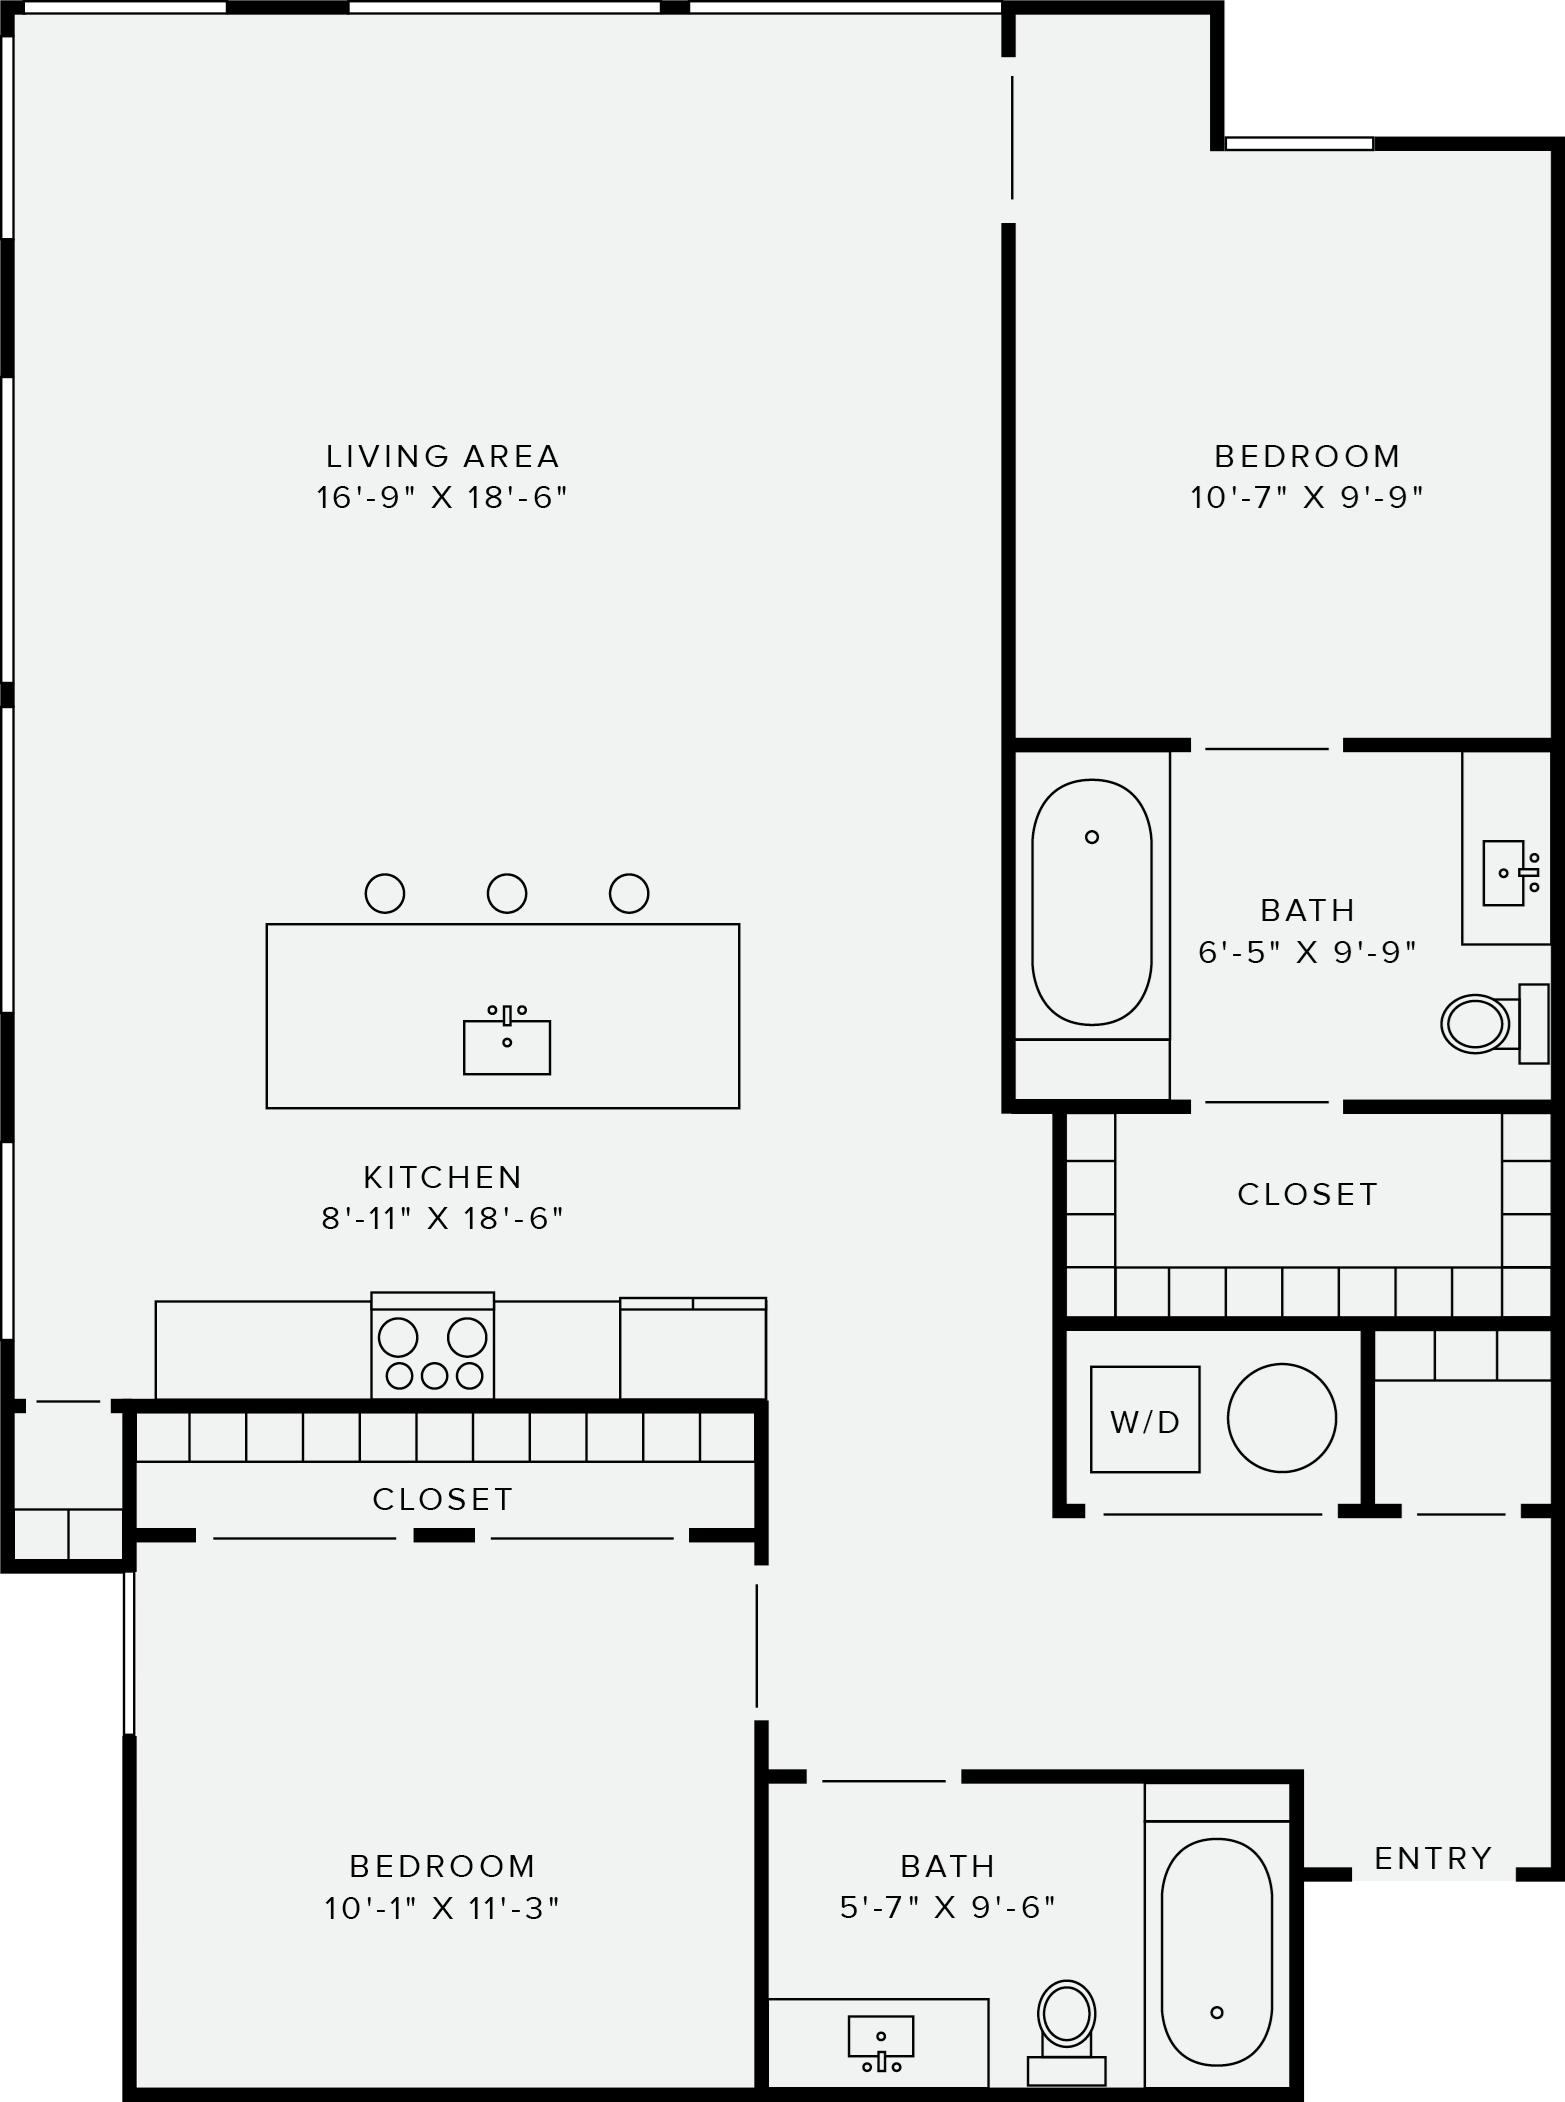 2 Bedroom Style C